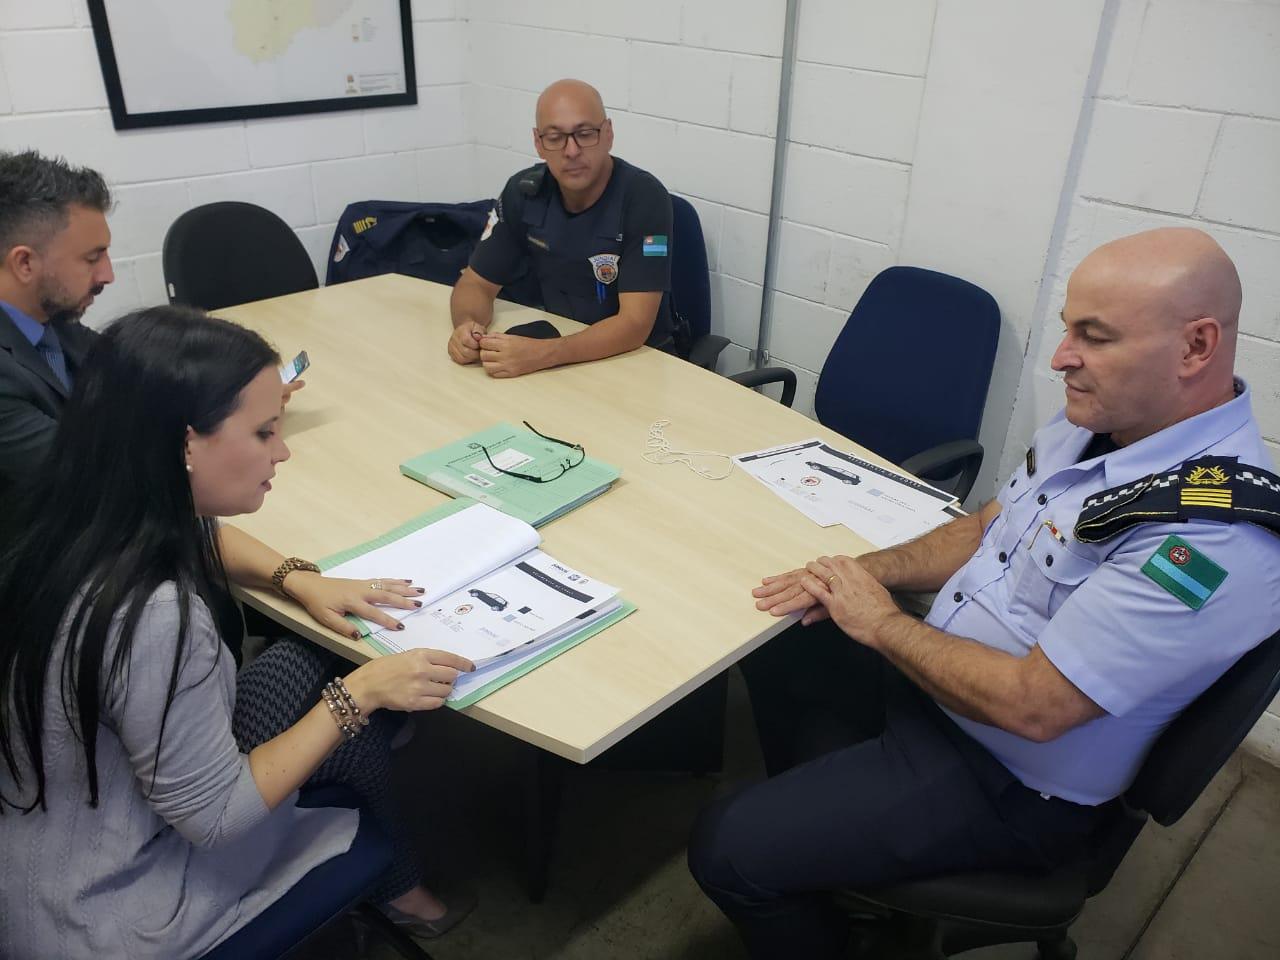 Três pessoas sentadas em mesa de reunião com papéis